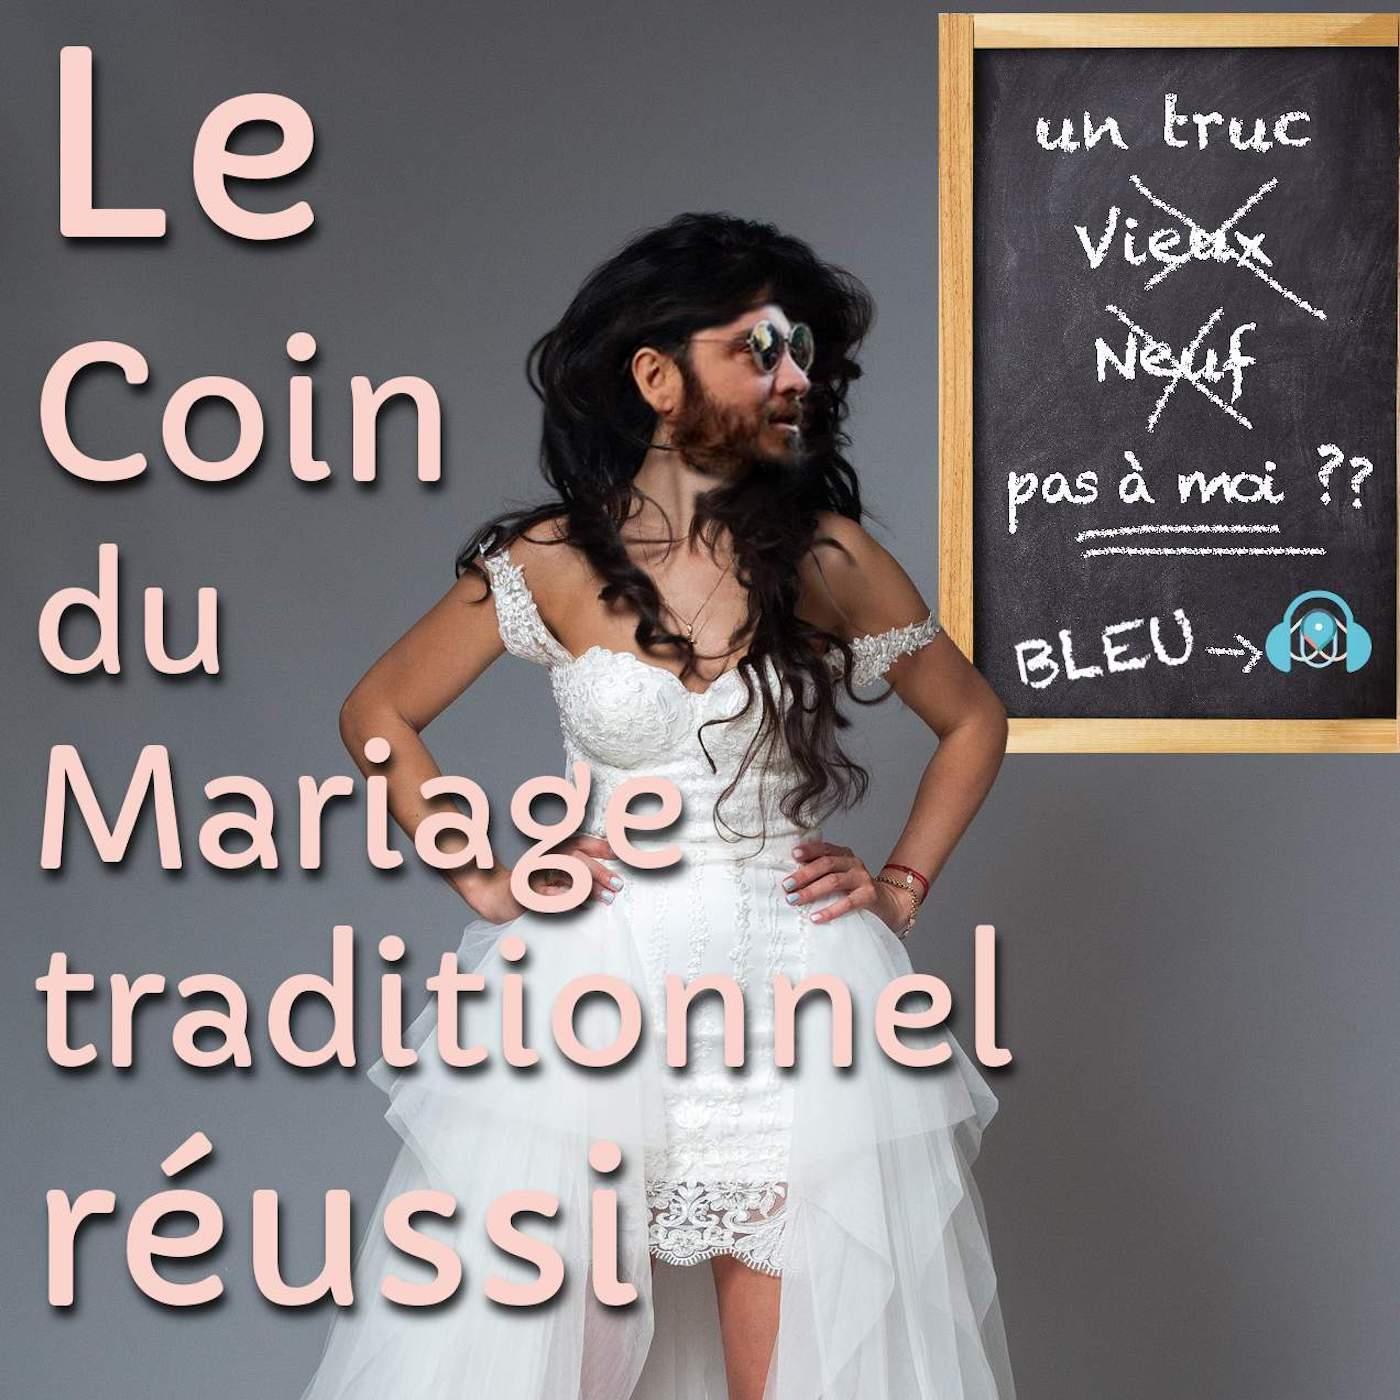 LE COIN DU MARIAGE TRADITIONNEL RÉUSSI S1E19 - Mariage d'argent